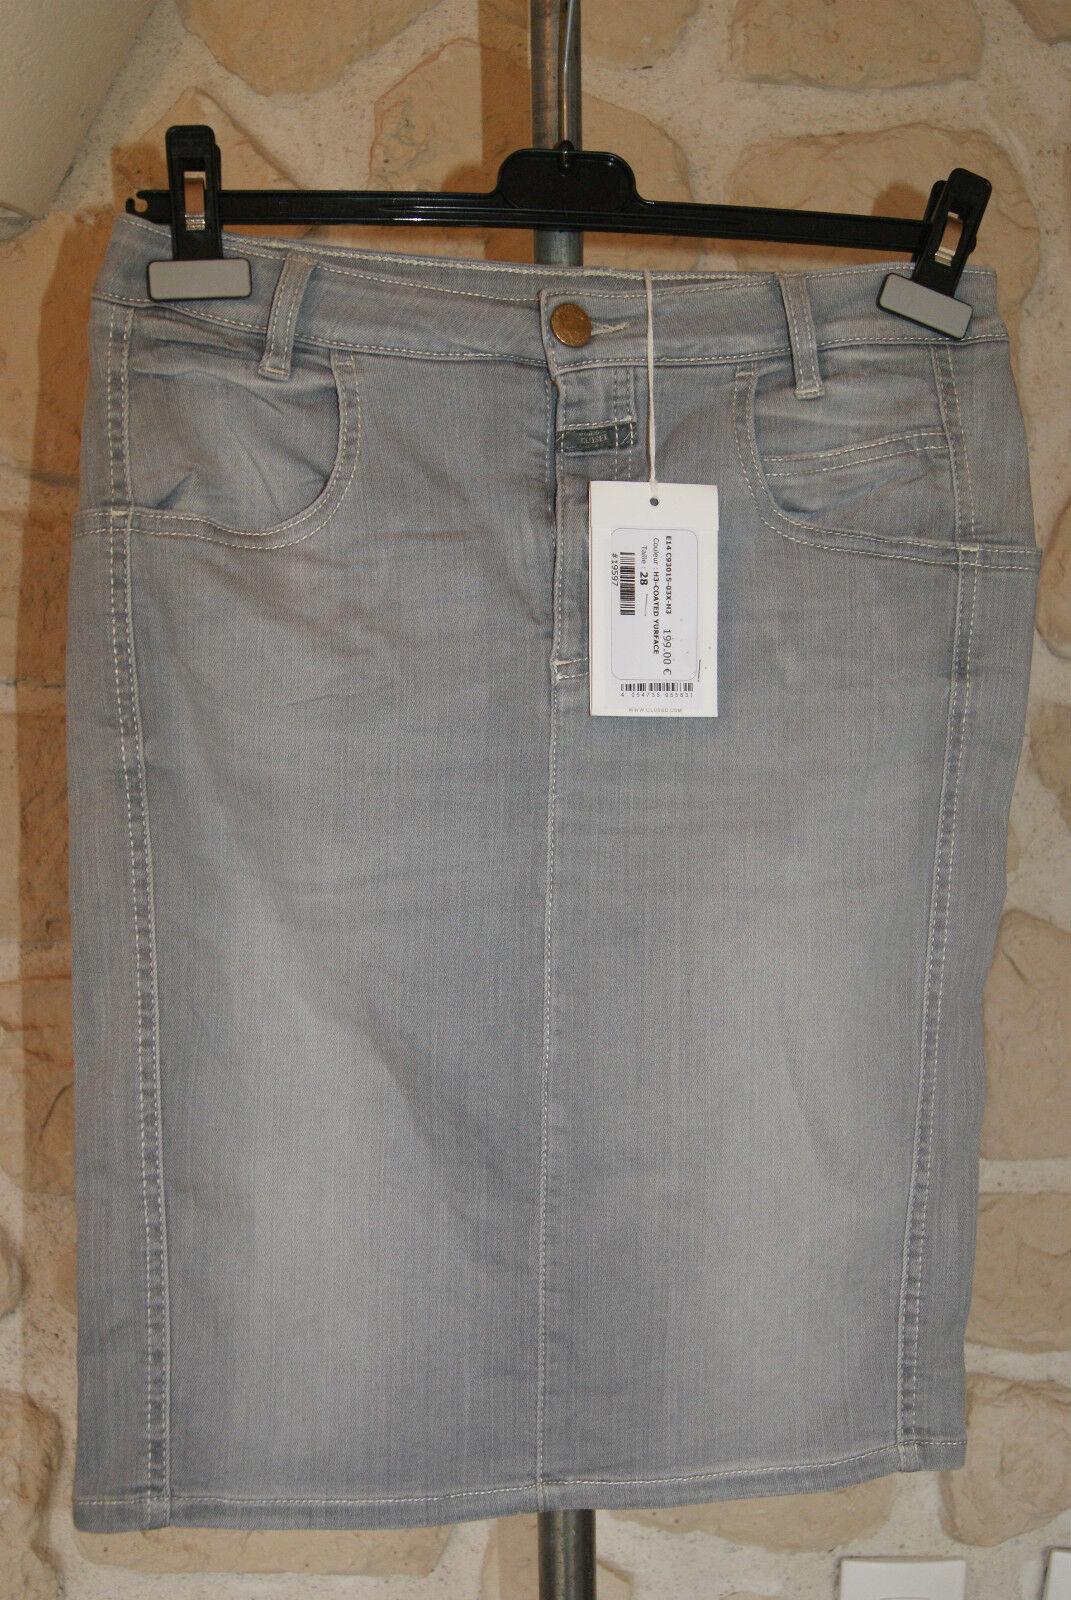 Jupe en jeans neuve size 31 (fr 41) marque CLOSED étiqueté à